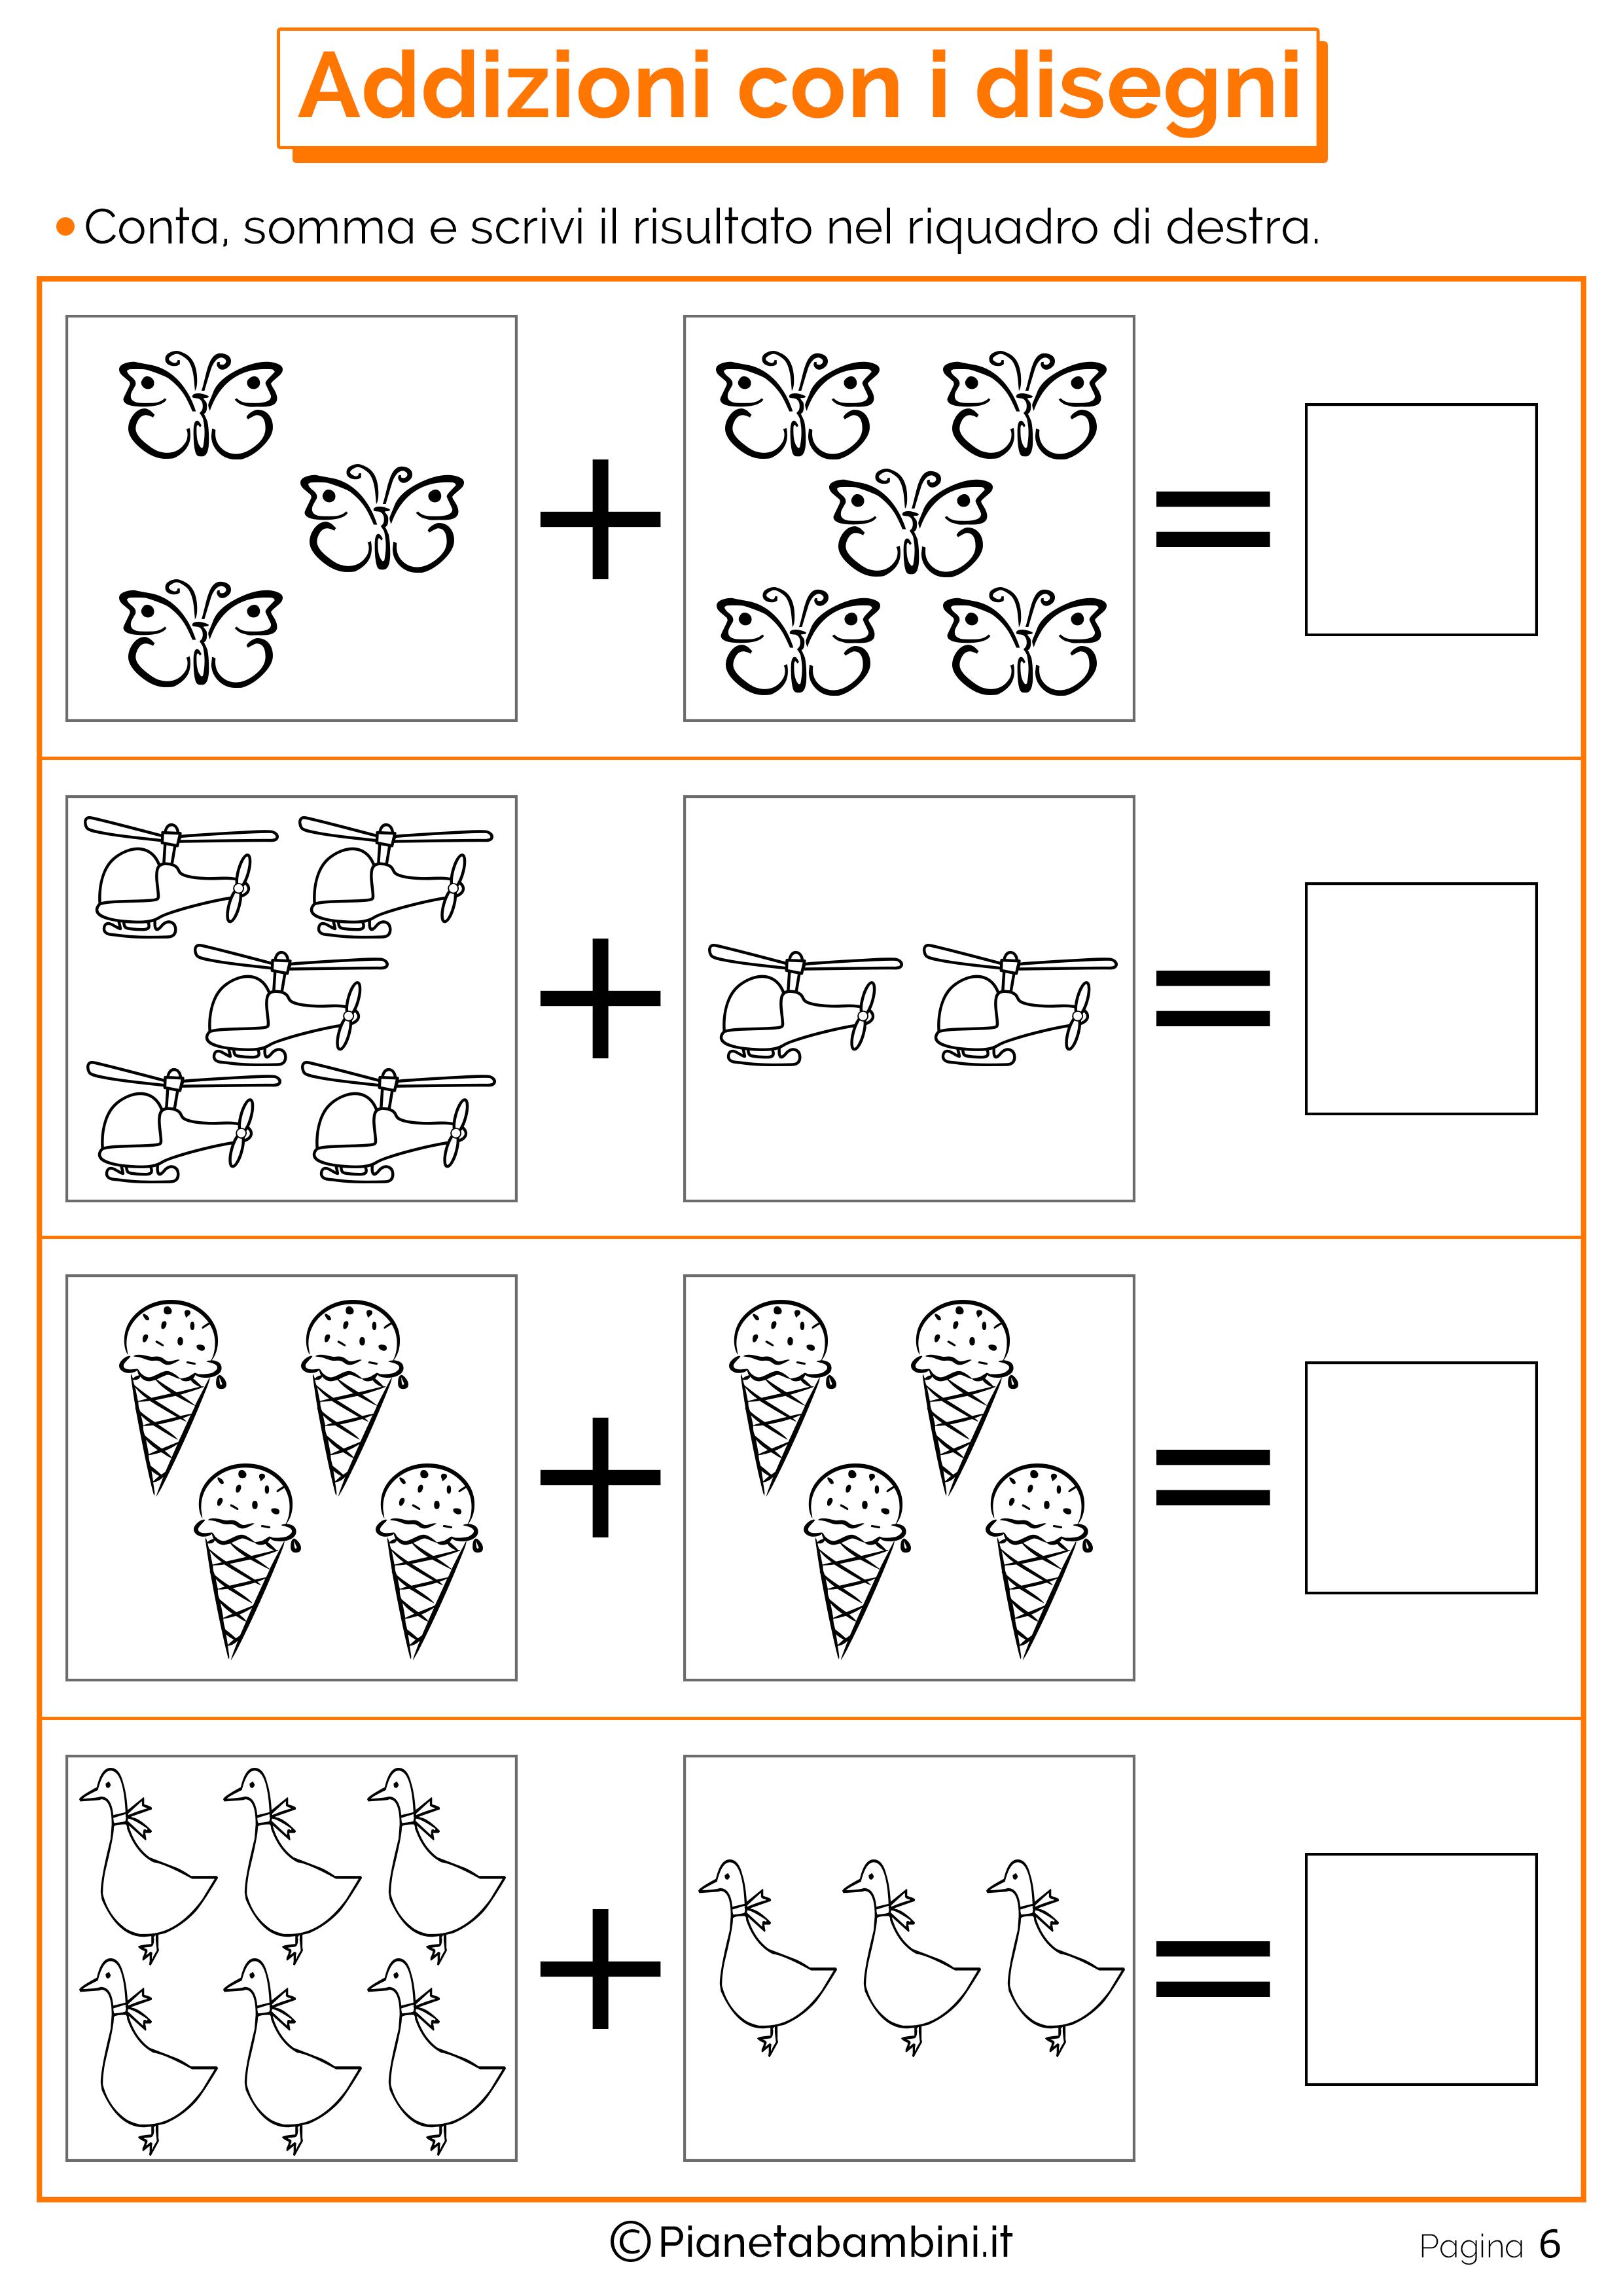 Risultati immagini per domino addizioni entro il 10 ...